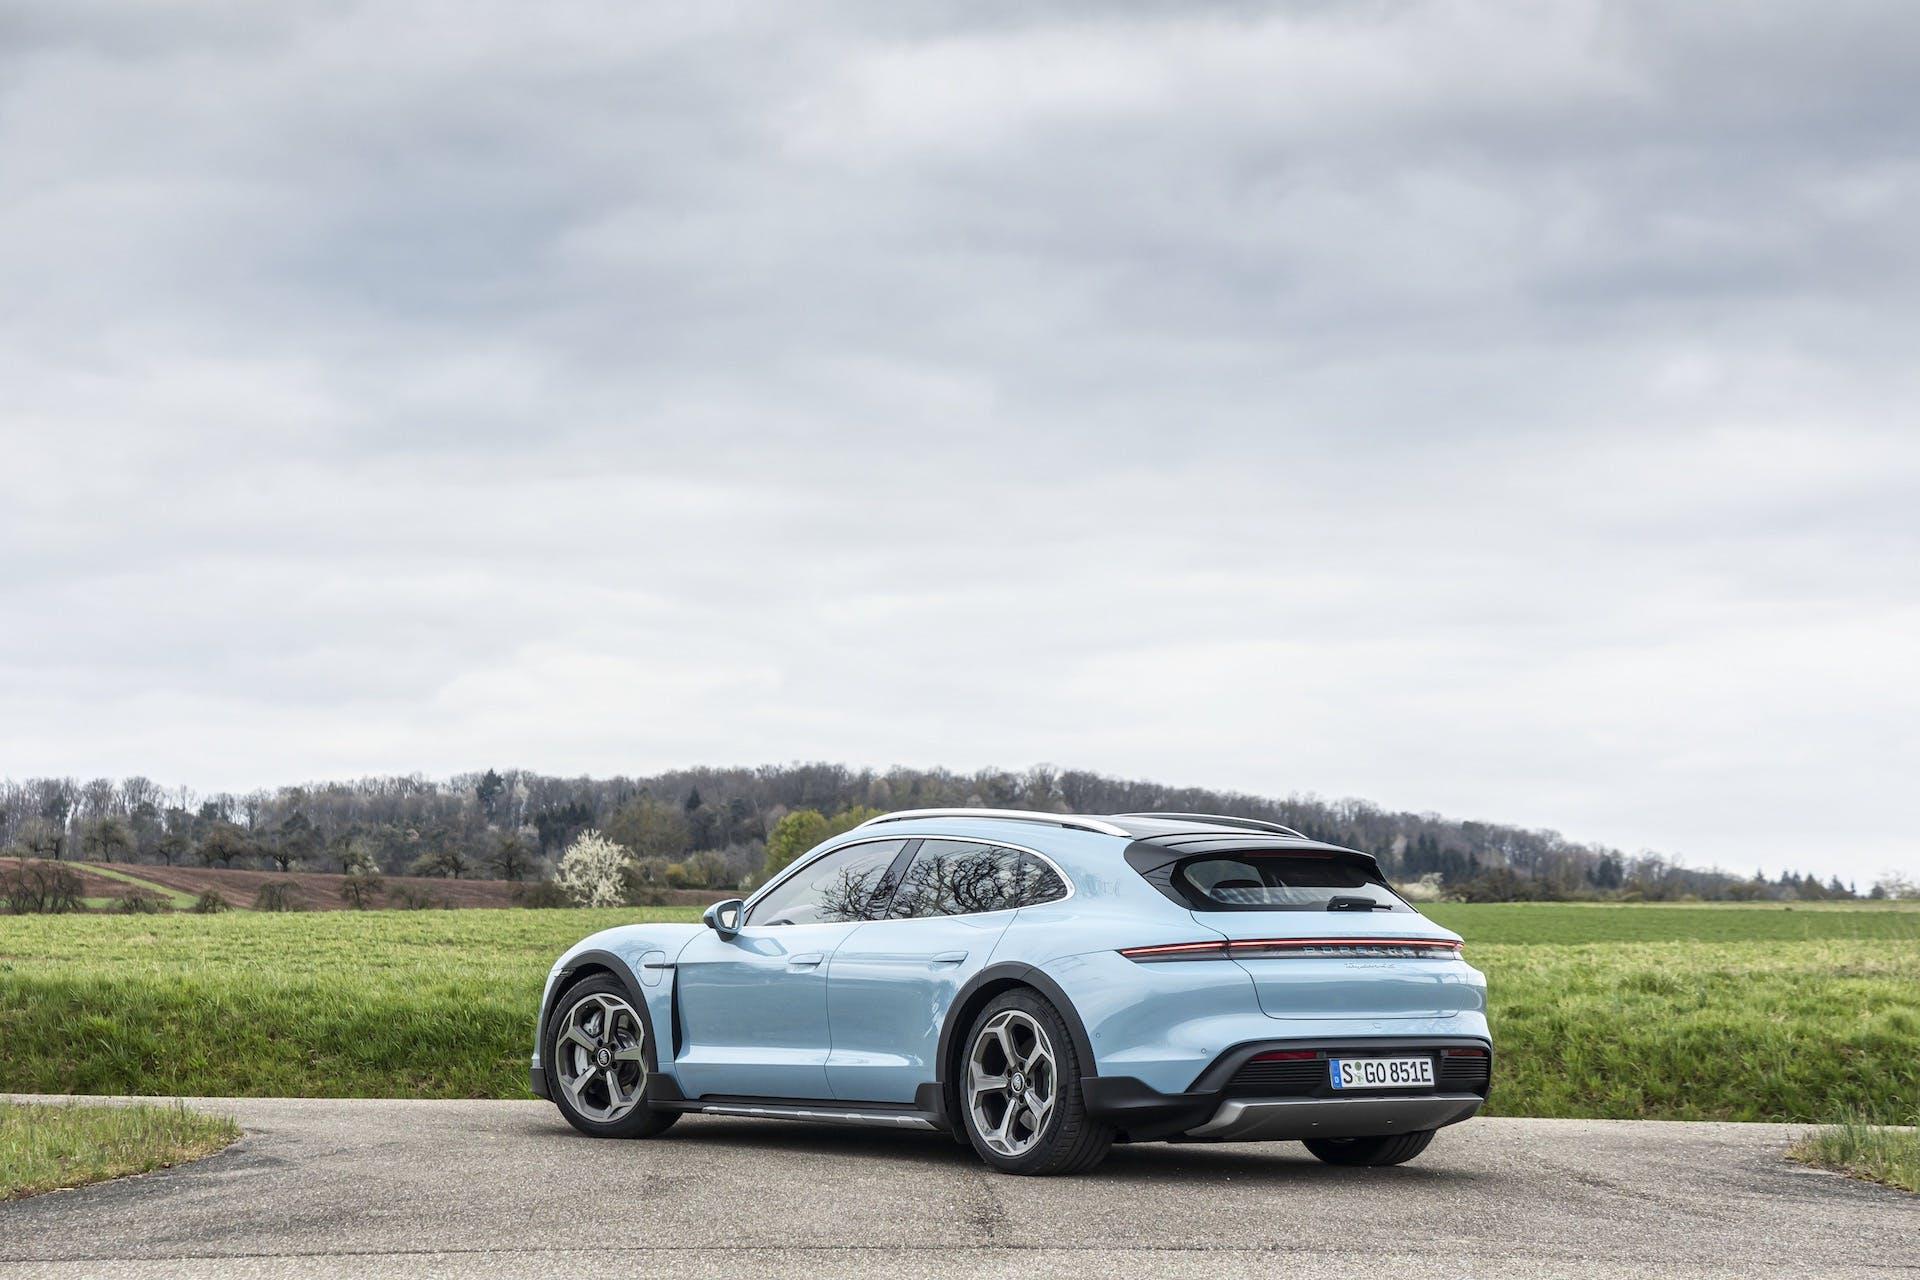 Panoramica laterale posteriore su strada della Porsche Taycan 4S Cross Turismo in colorazione azzurro cielo